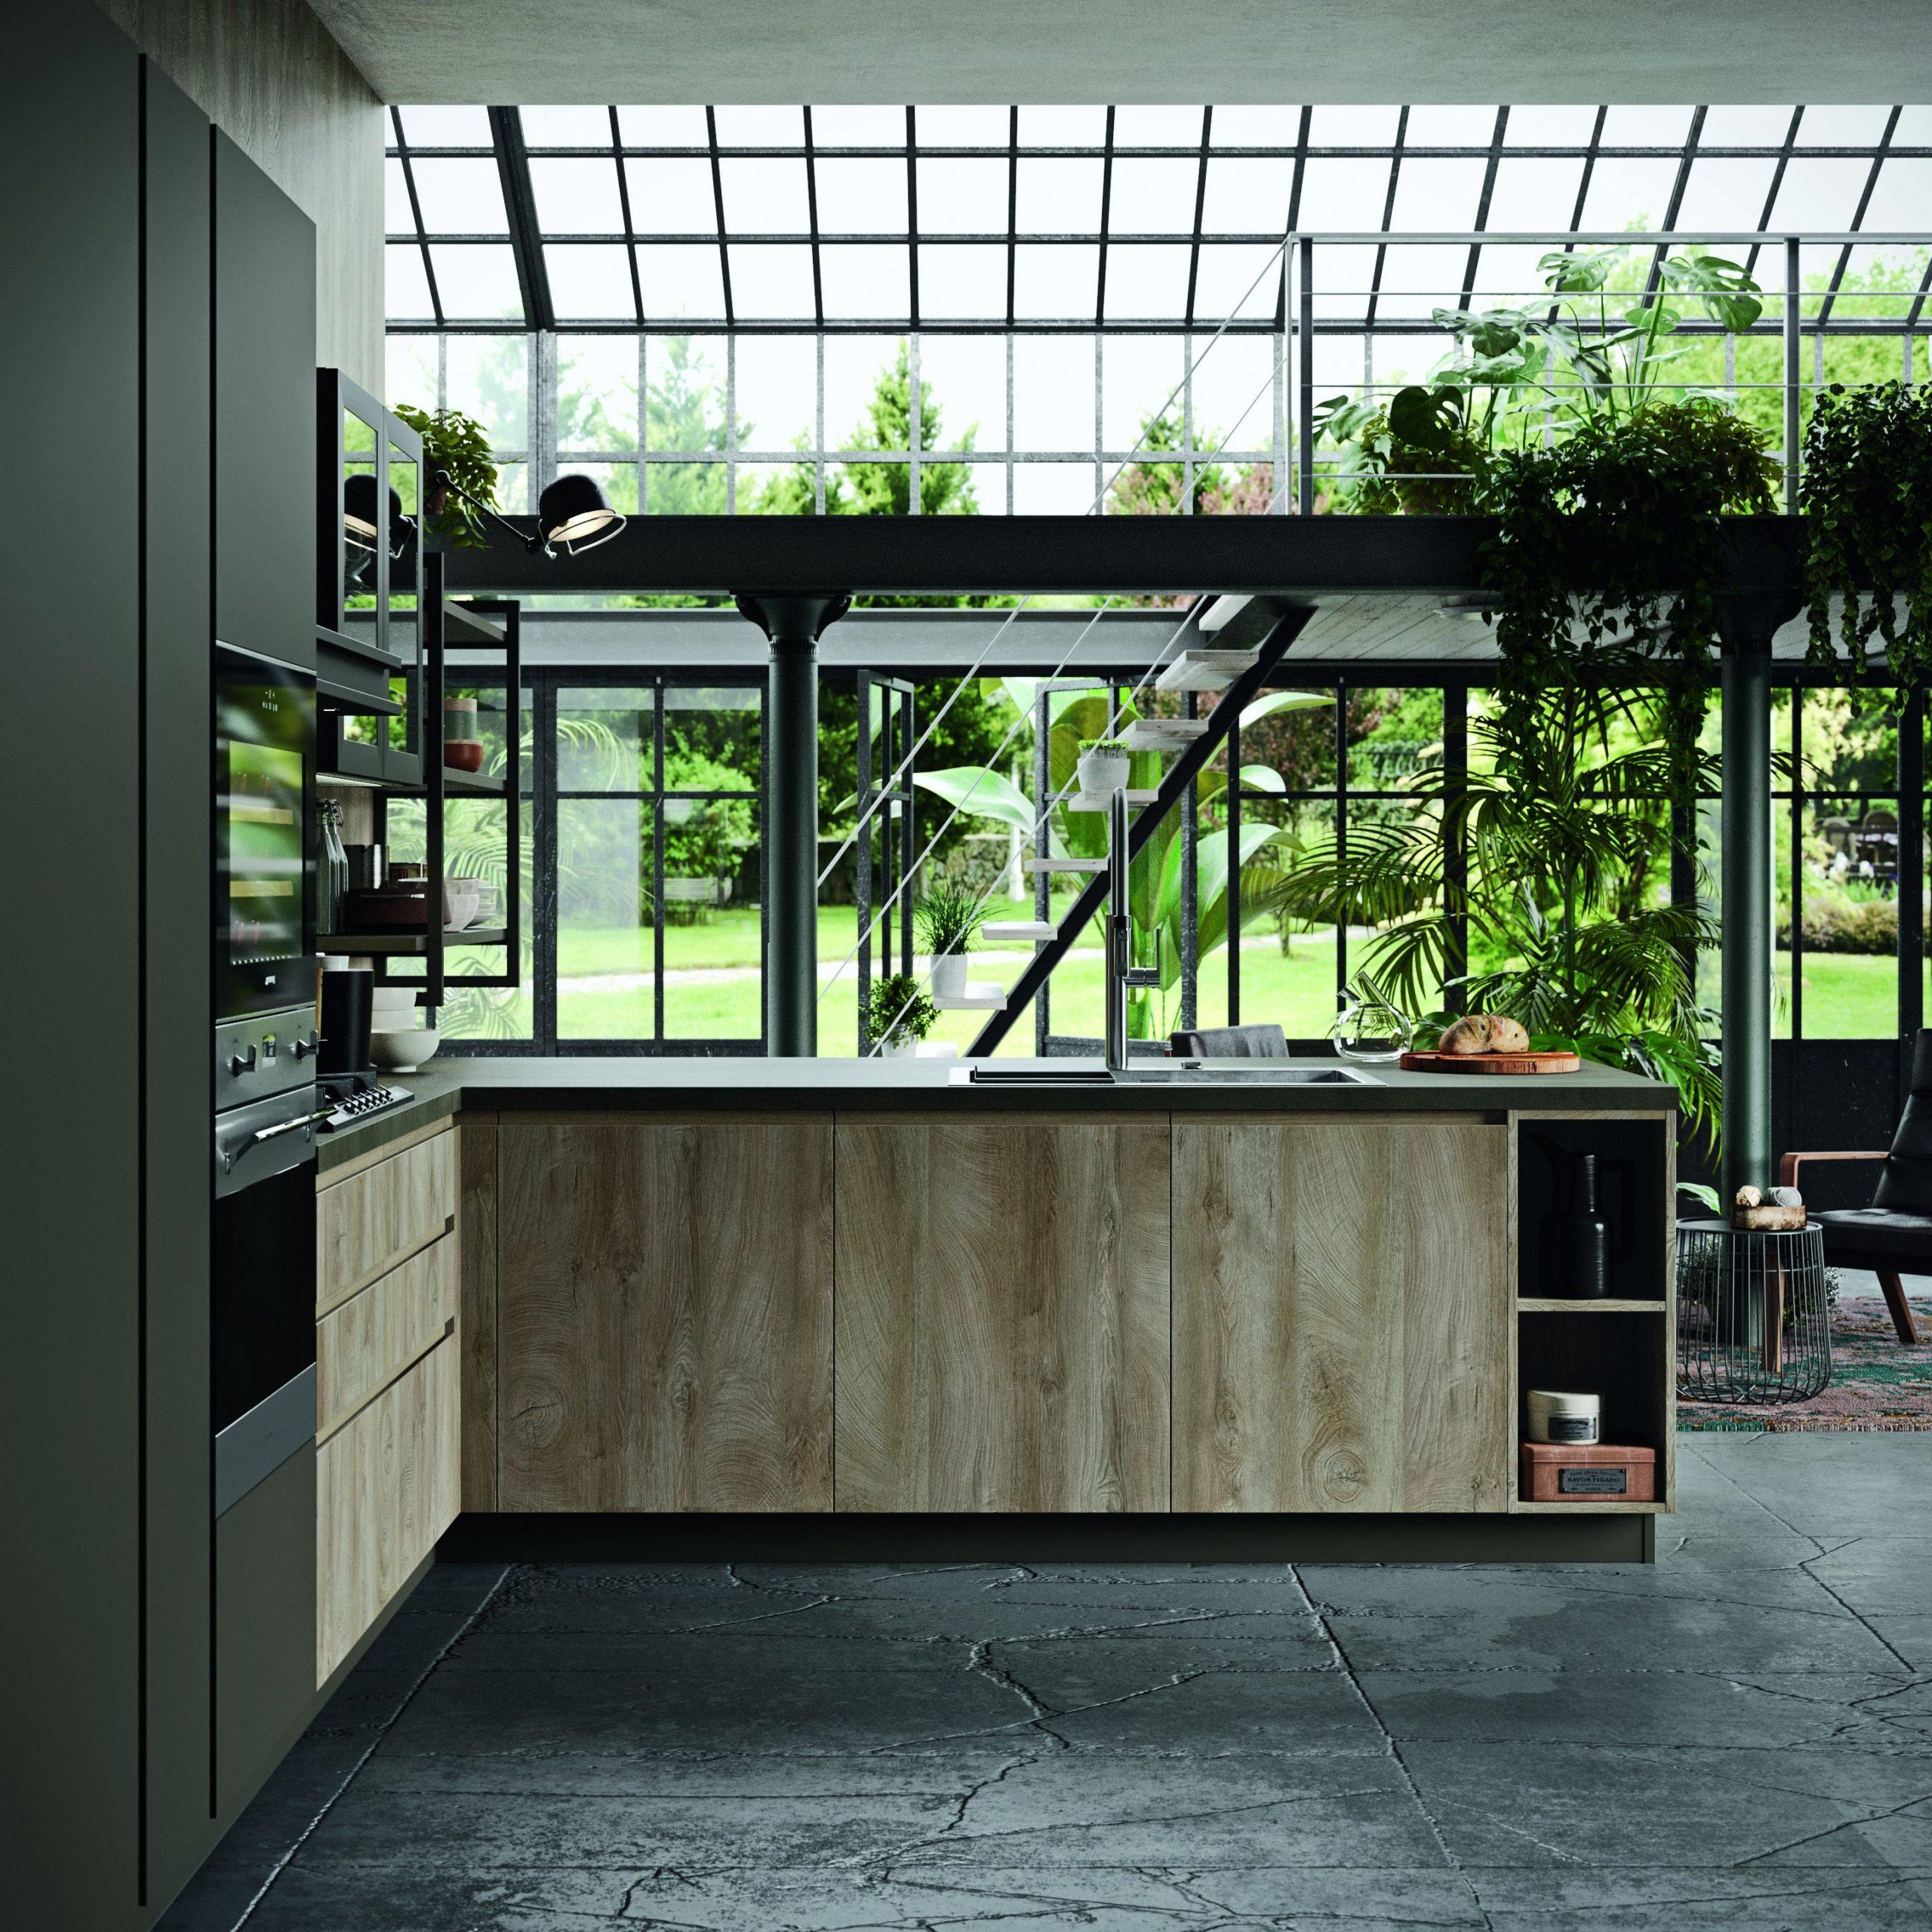 Elementi caratterizzanti le cucine di stile industriale